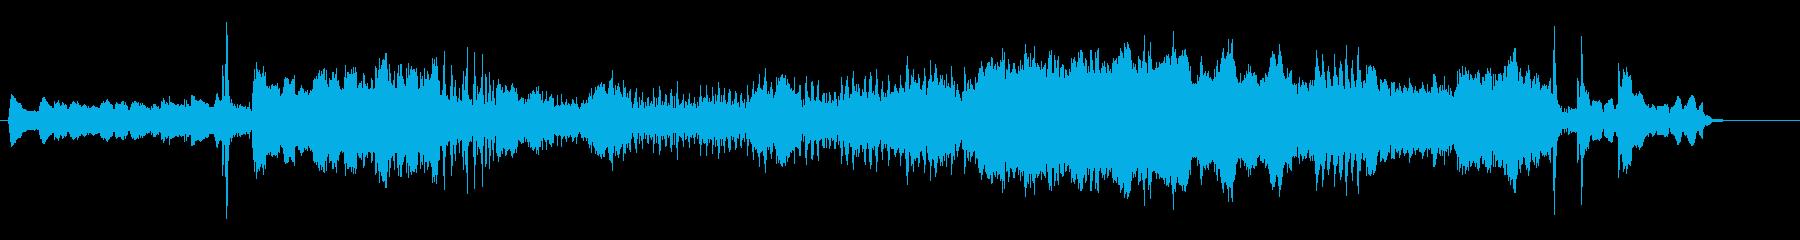 映画音楽風オーケストラ・アレンジの再生済みの波形